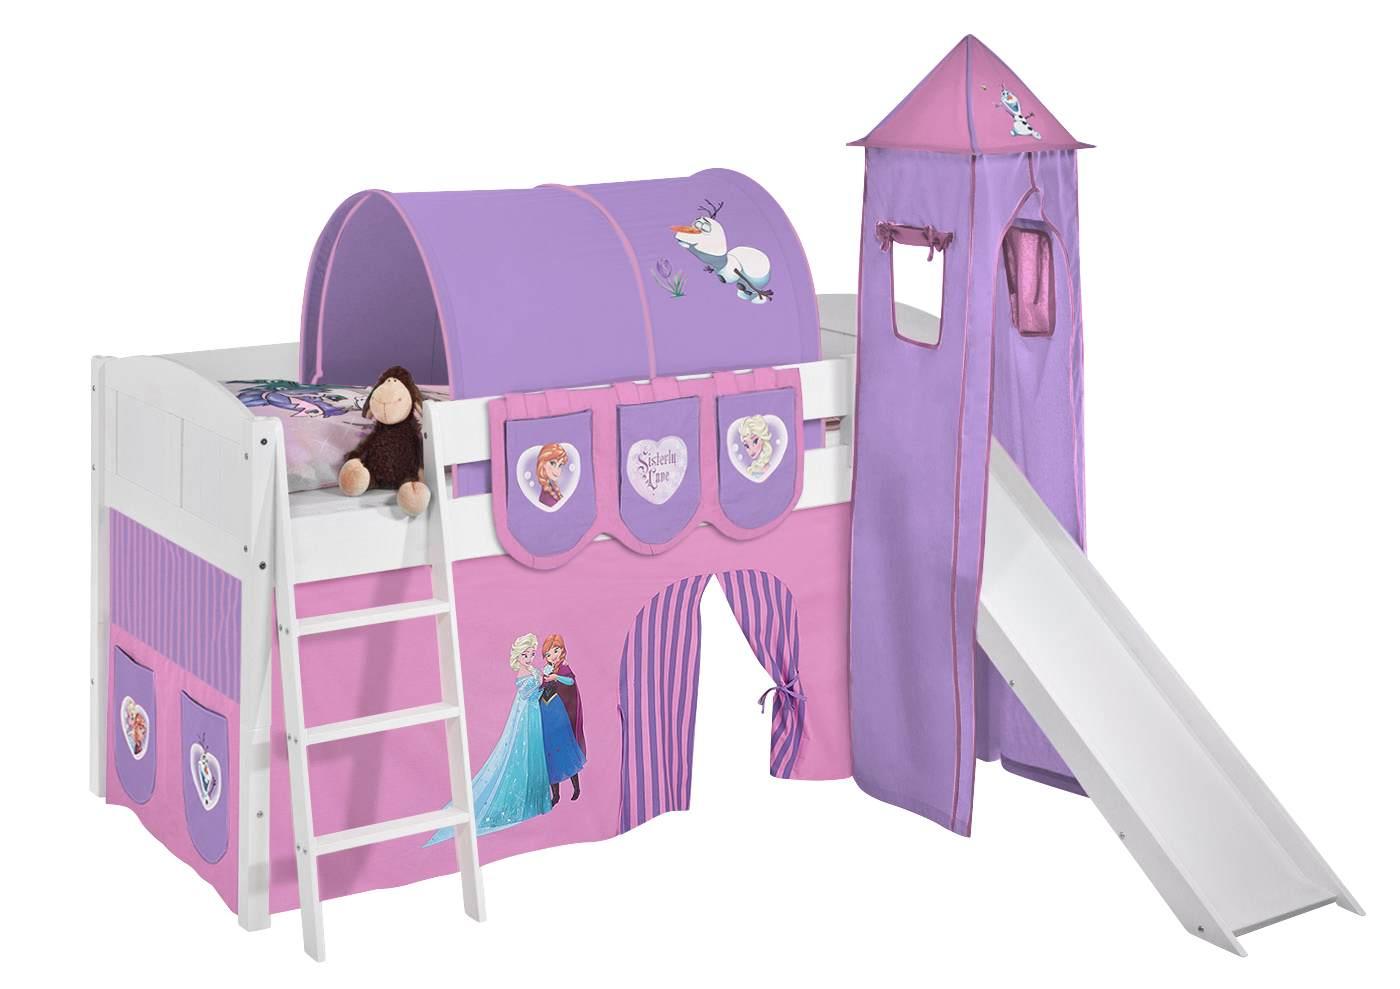 Spielbett 'Landi' weiß inkl. Turm und Vorhang 'Frozen' Bild 1